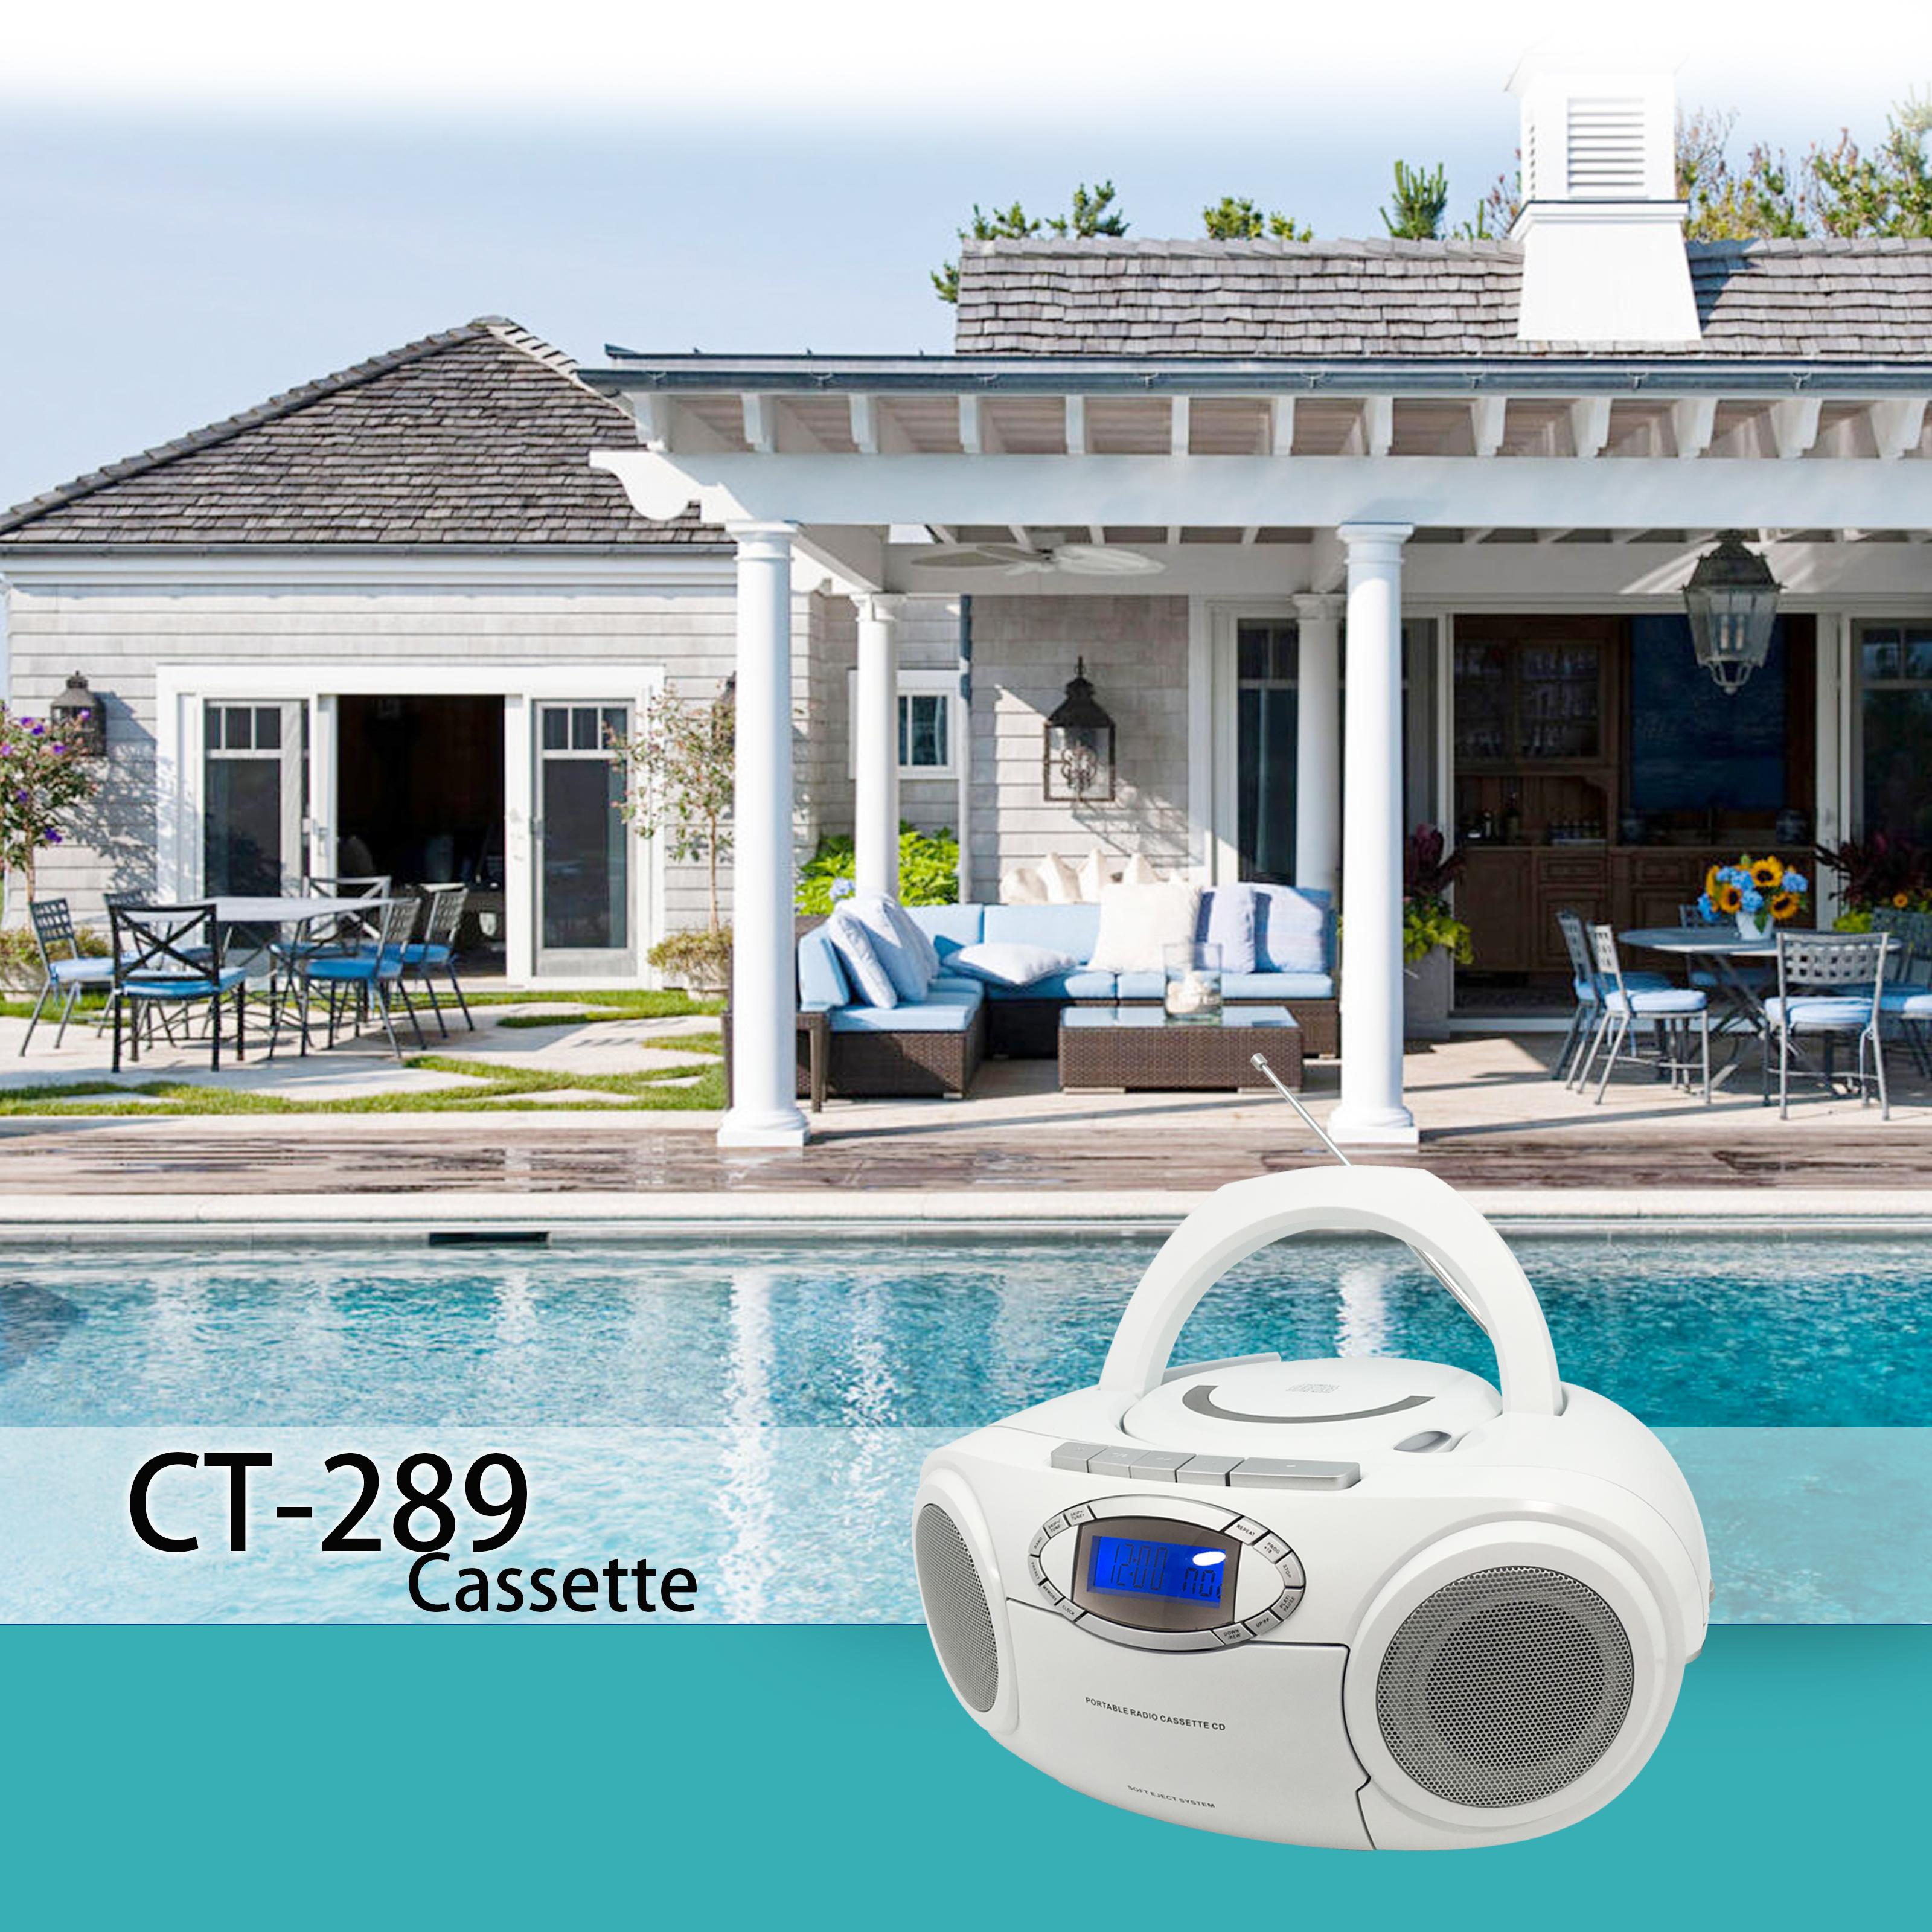 CT-289 Cassette poolside.jpg